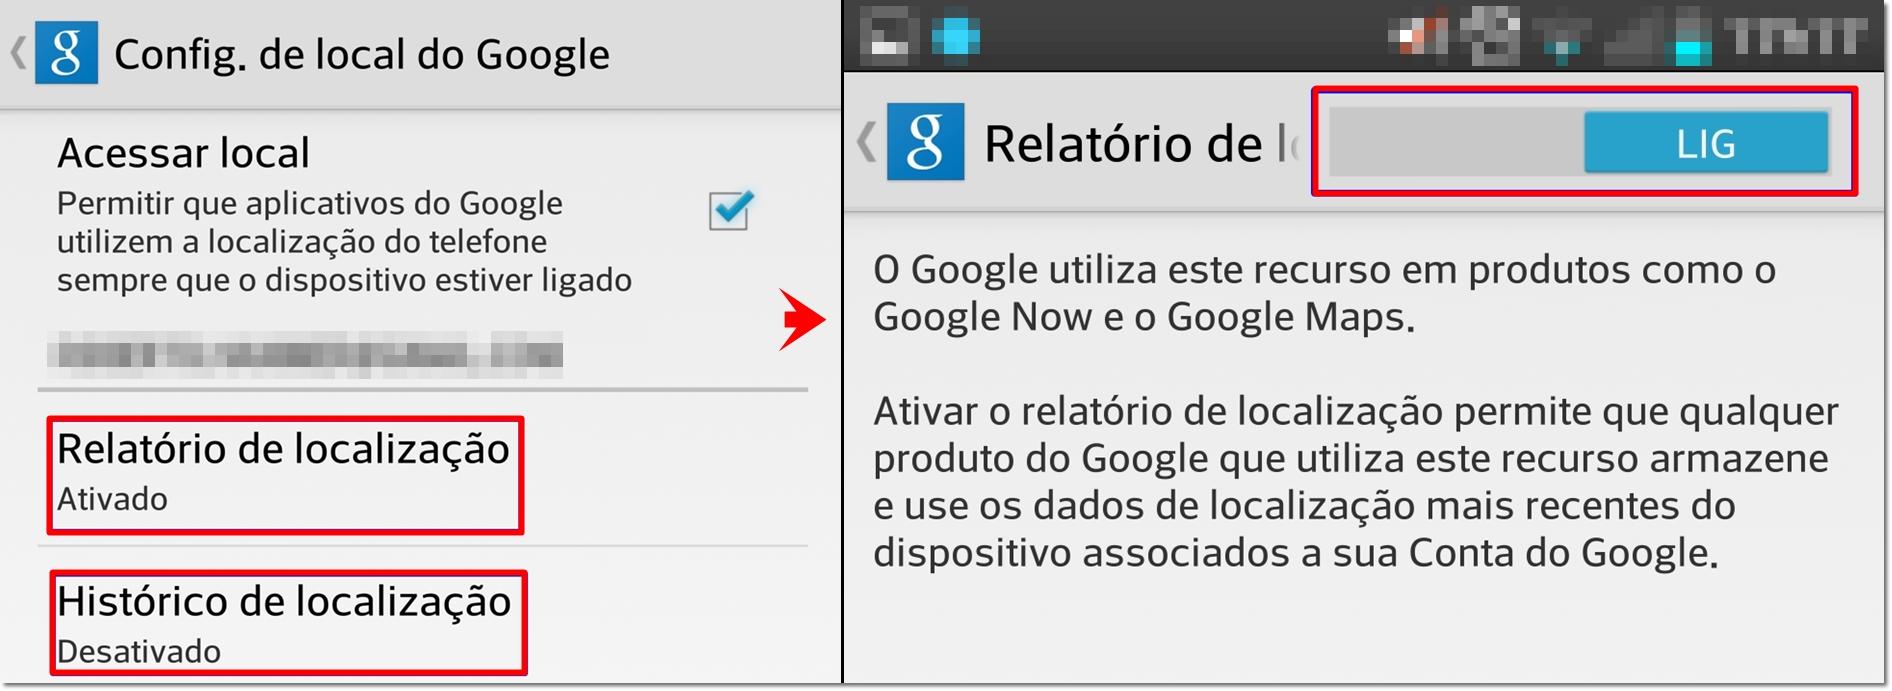 historico de localização celular google